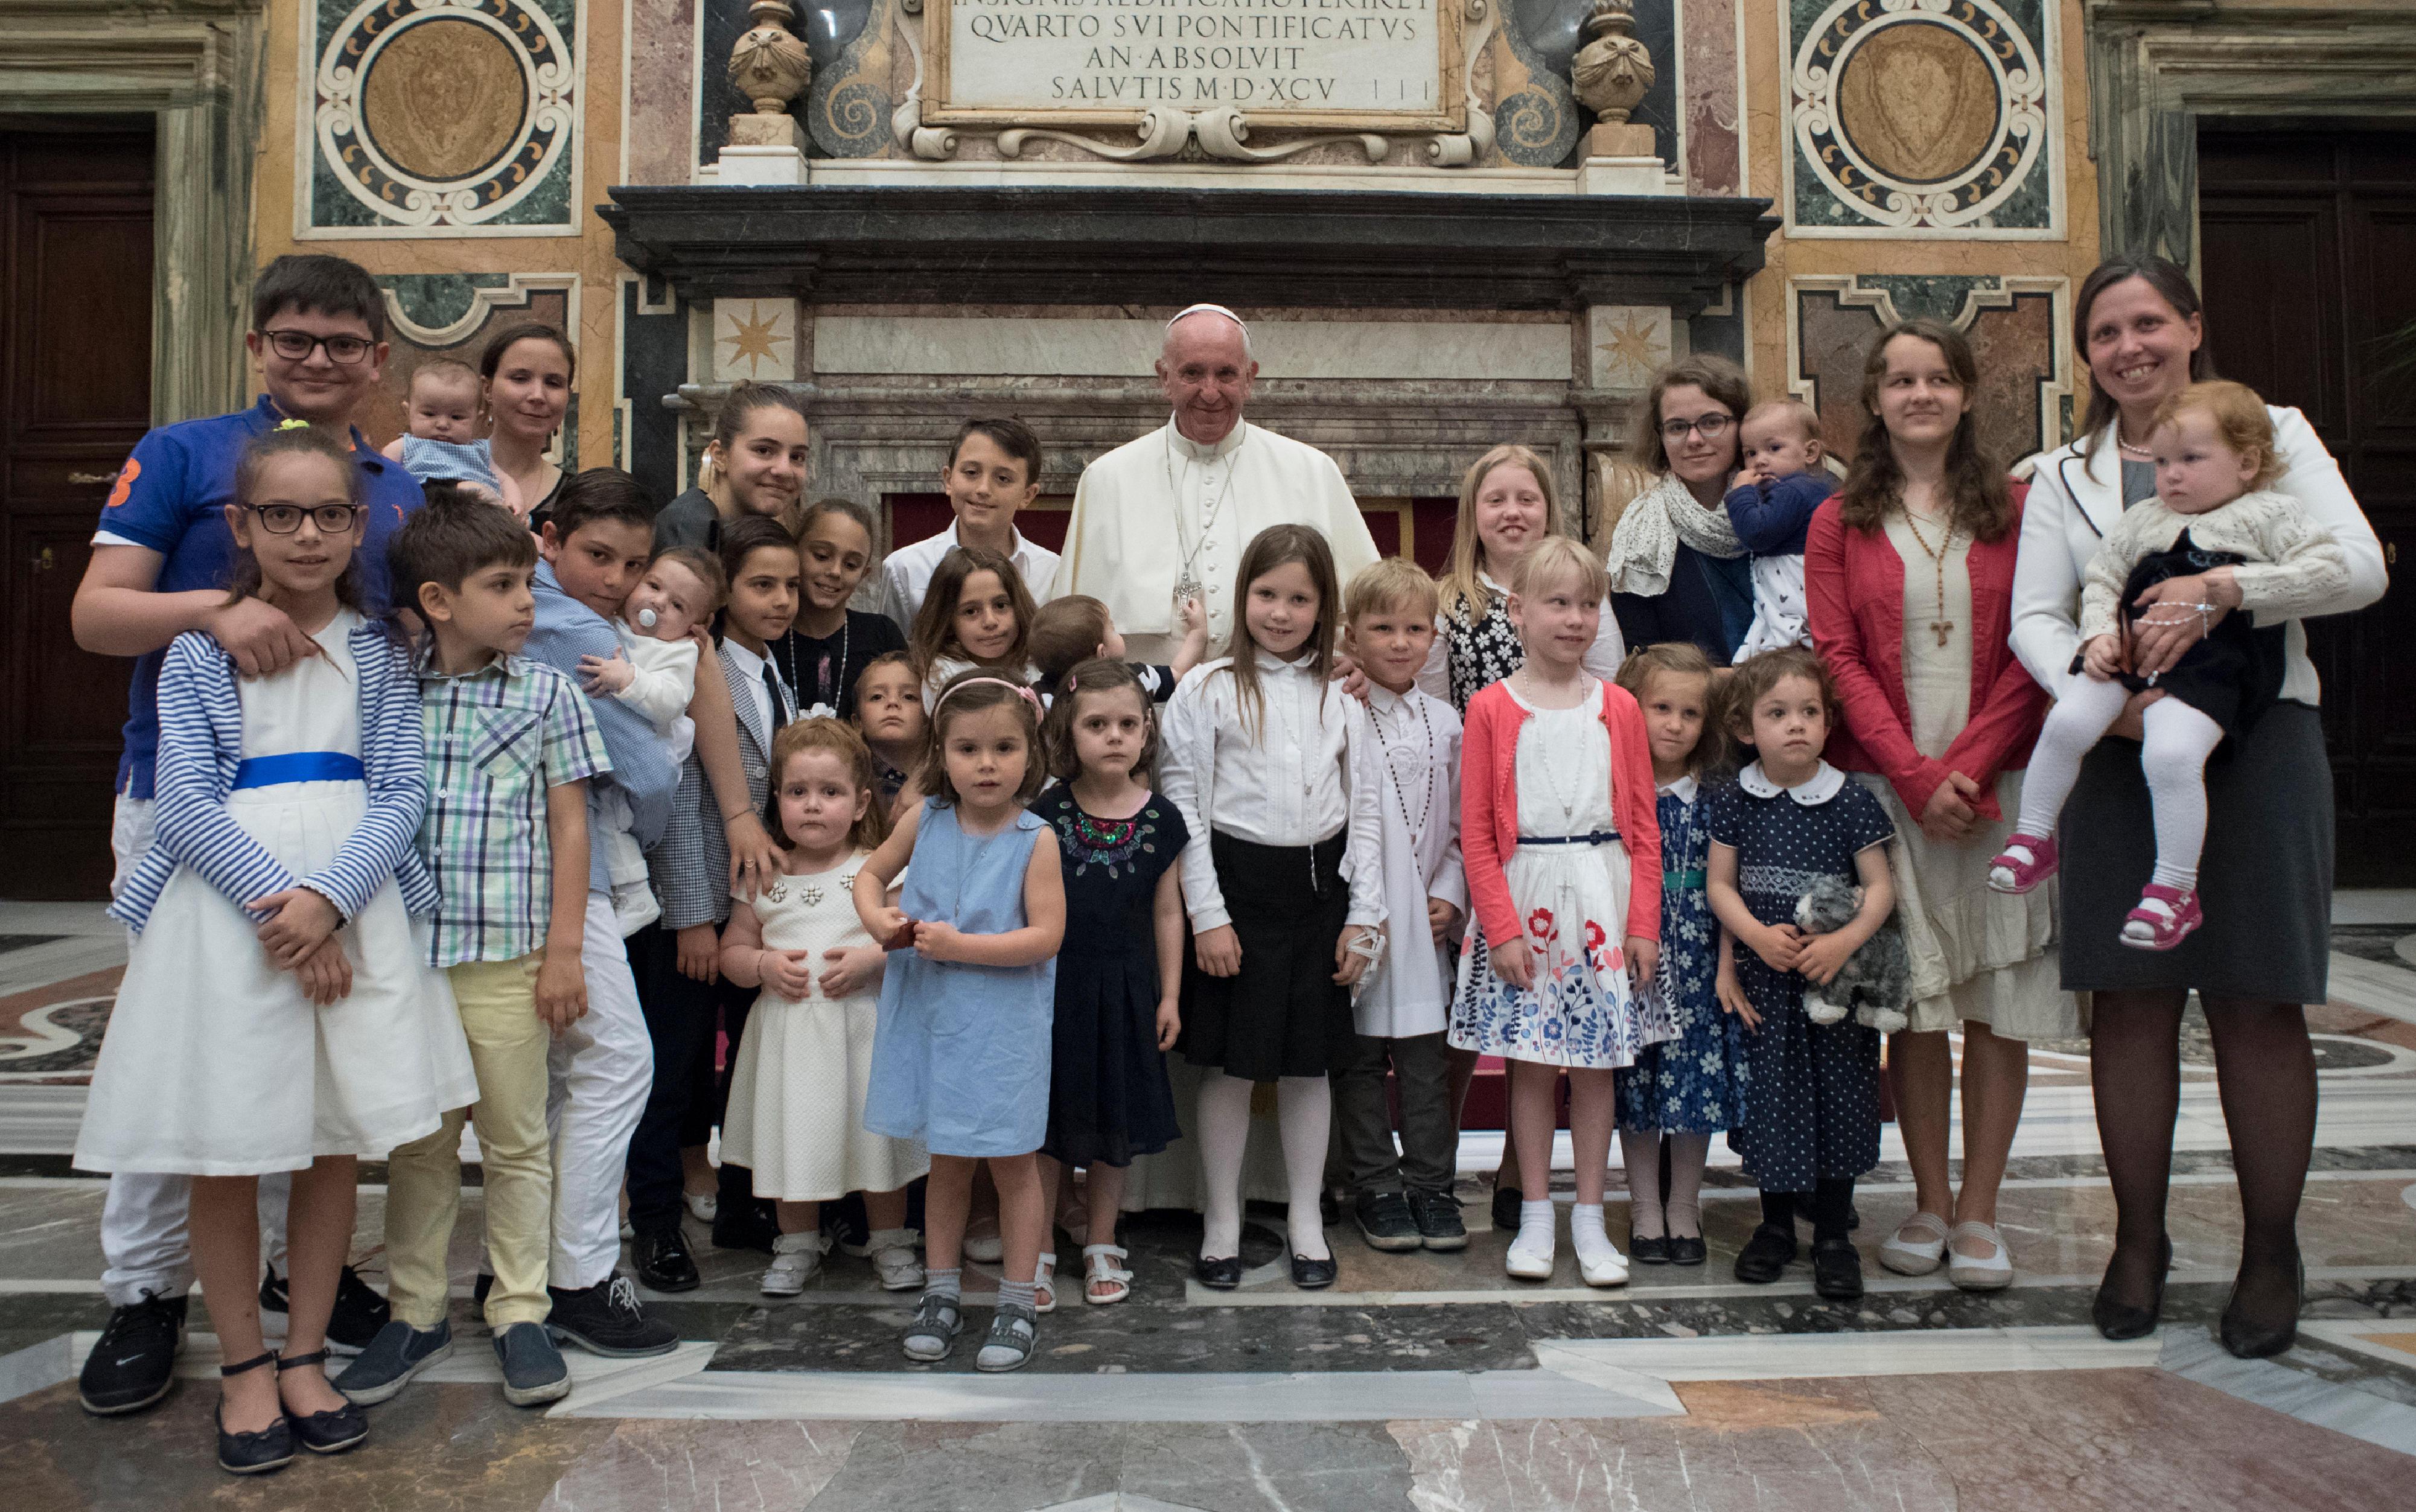 Fédération des Associations Familiales Catholiques en Europe © L'Osservatore Romano